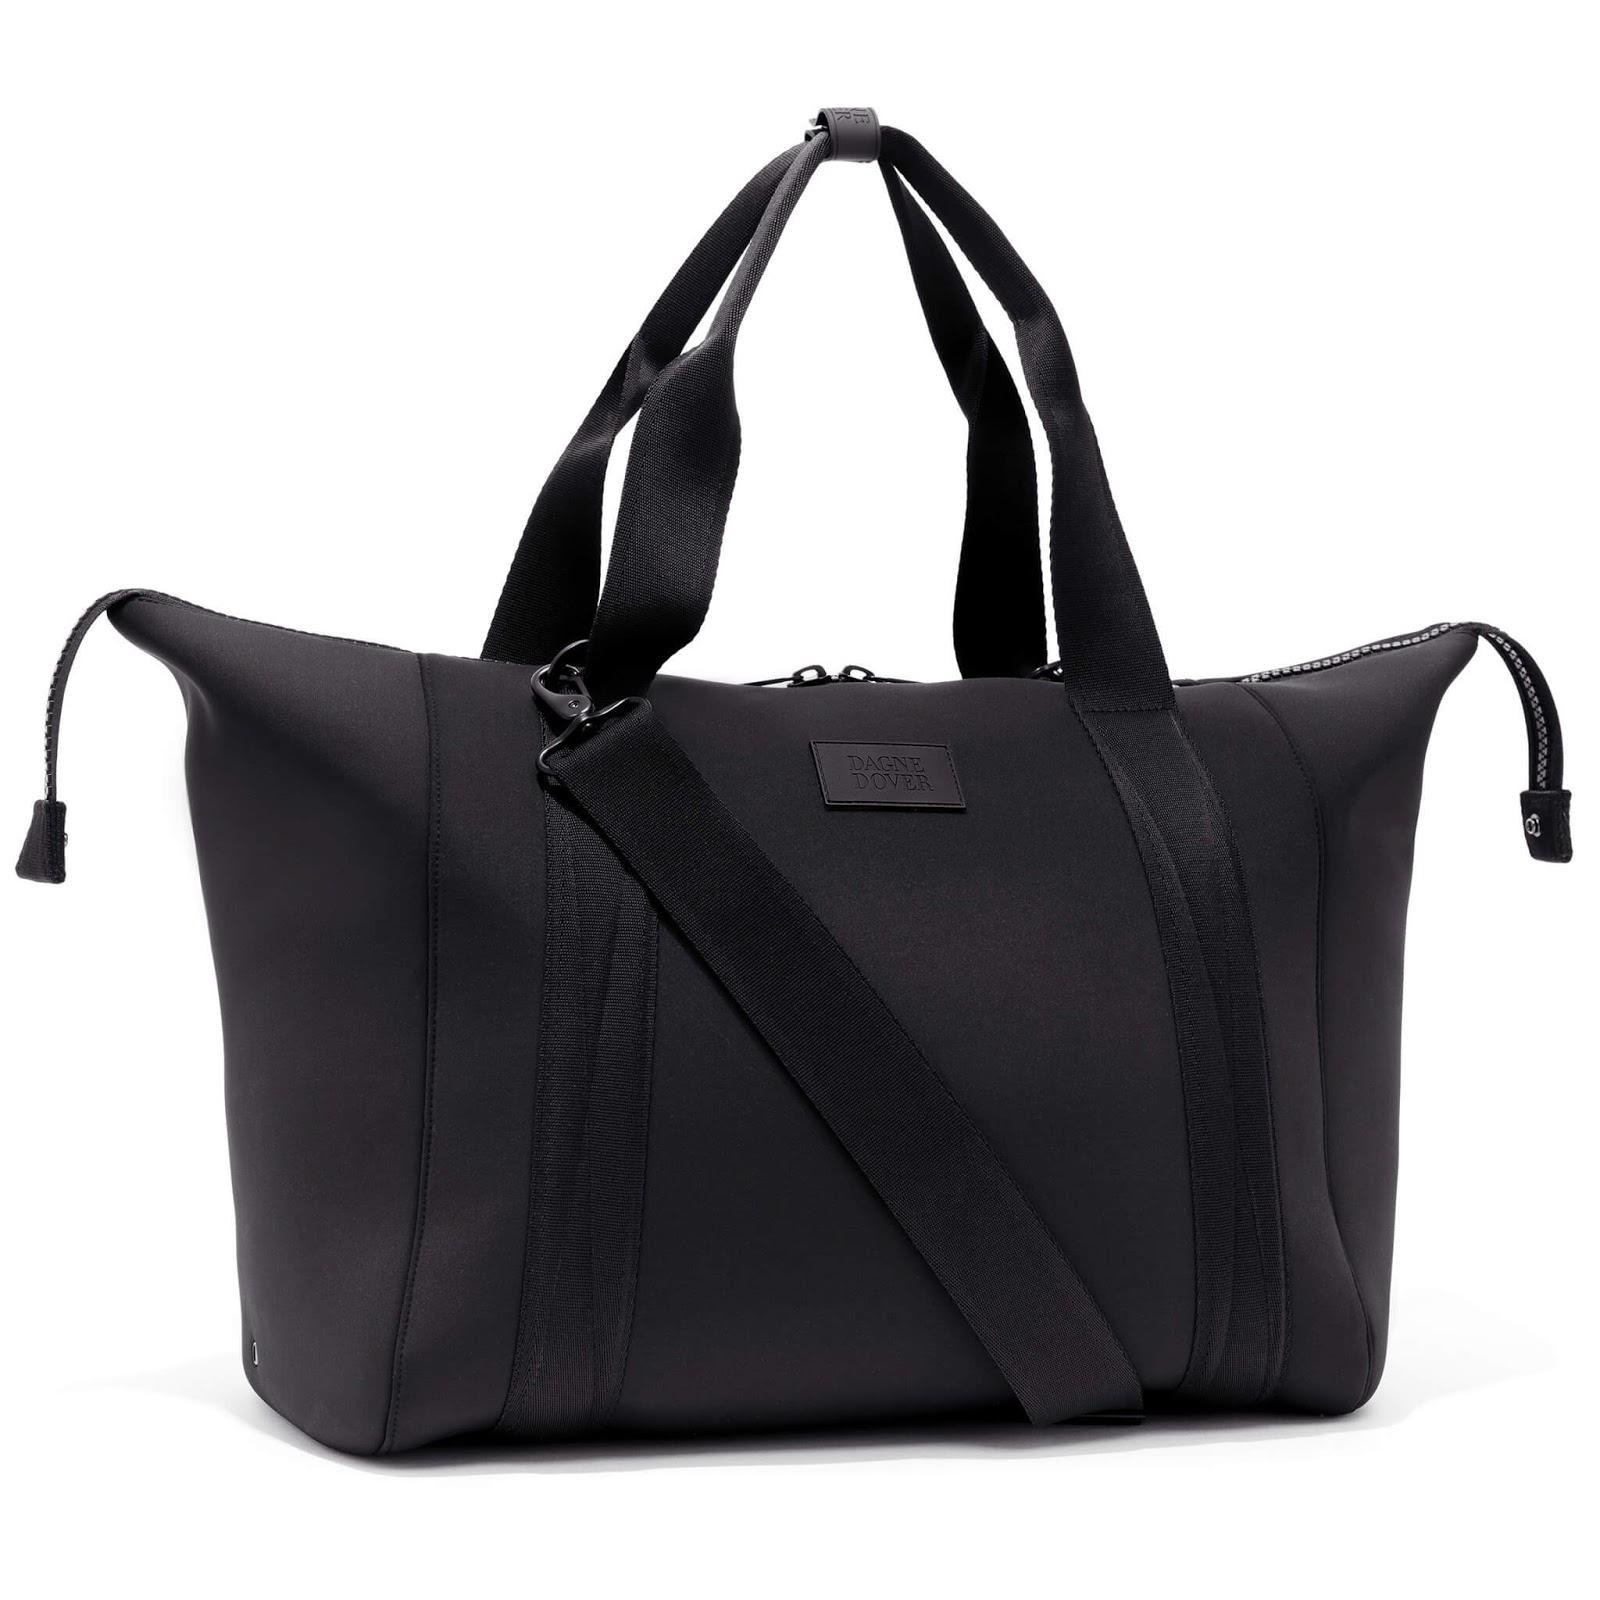 Dagne Dover Landon Neoprene Carryall Duffle Bag